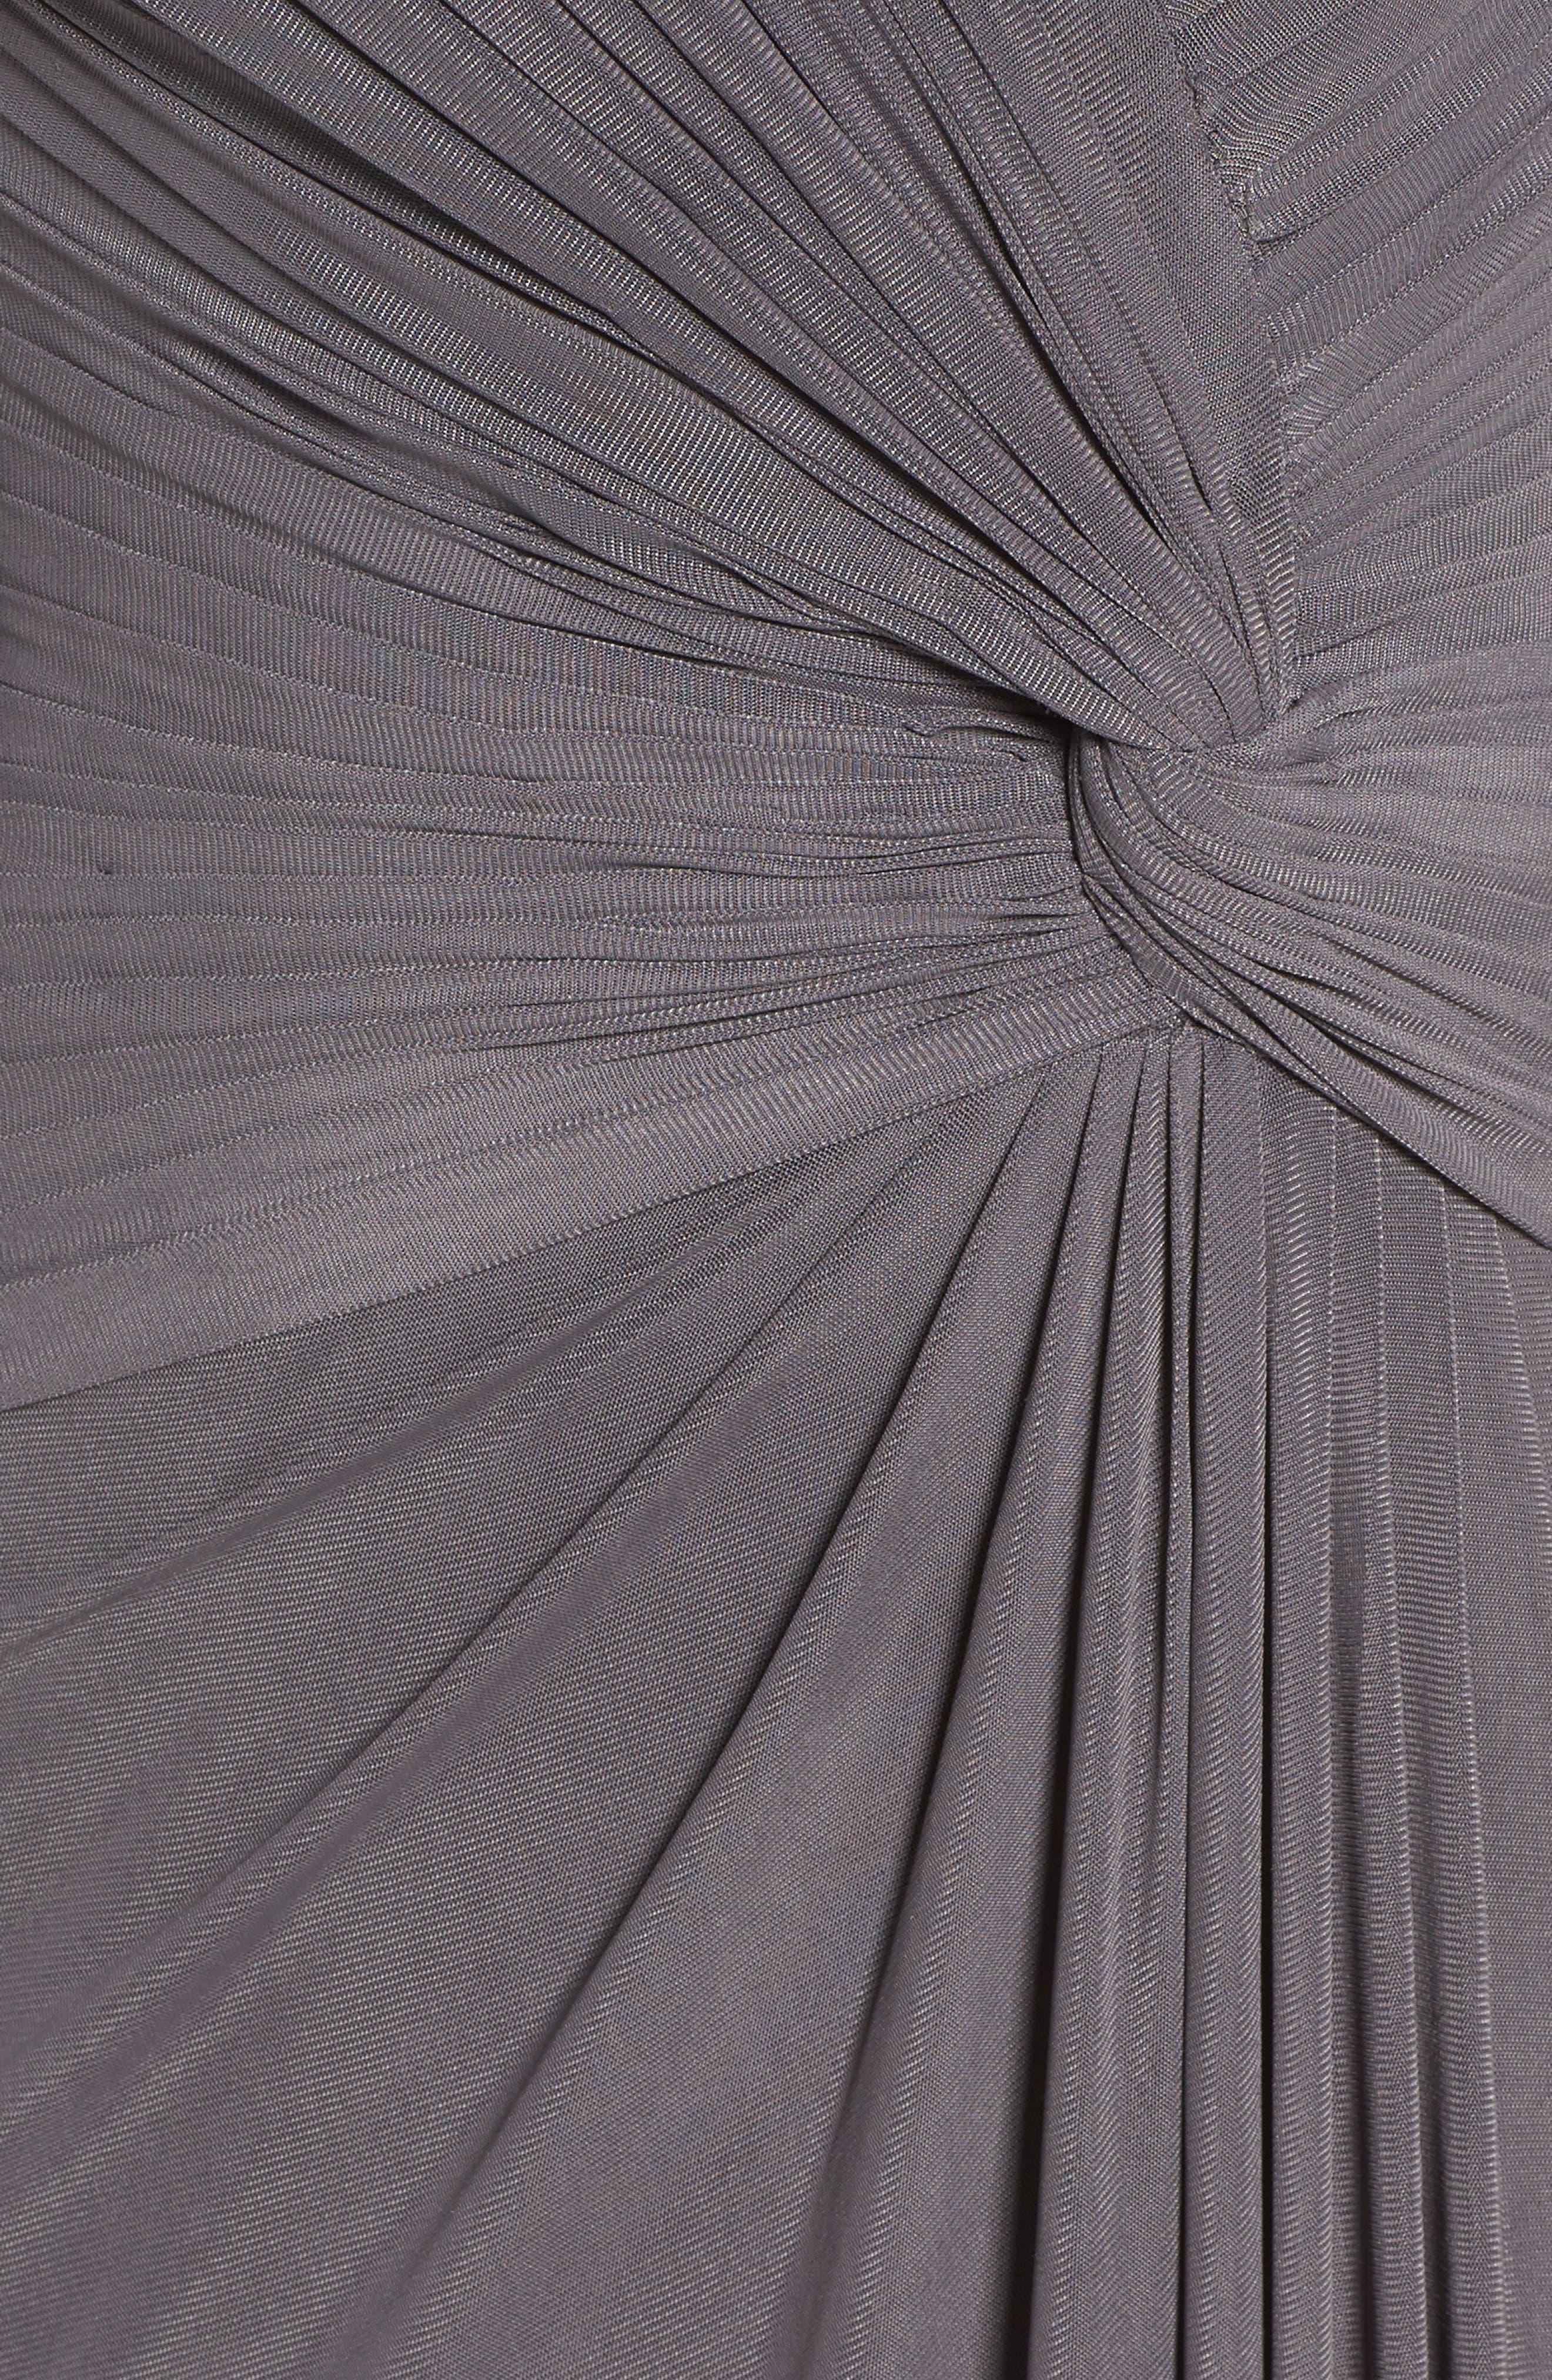 LA FEMME, Lace & Net Ruched Twist Front Gown, Alternate thumbnail 5, color, GUNMETAL